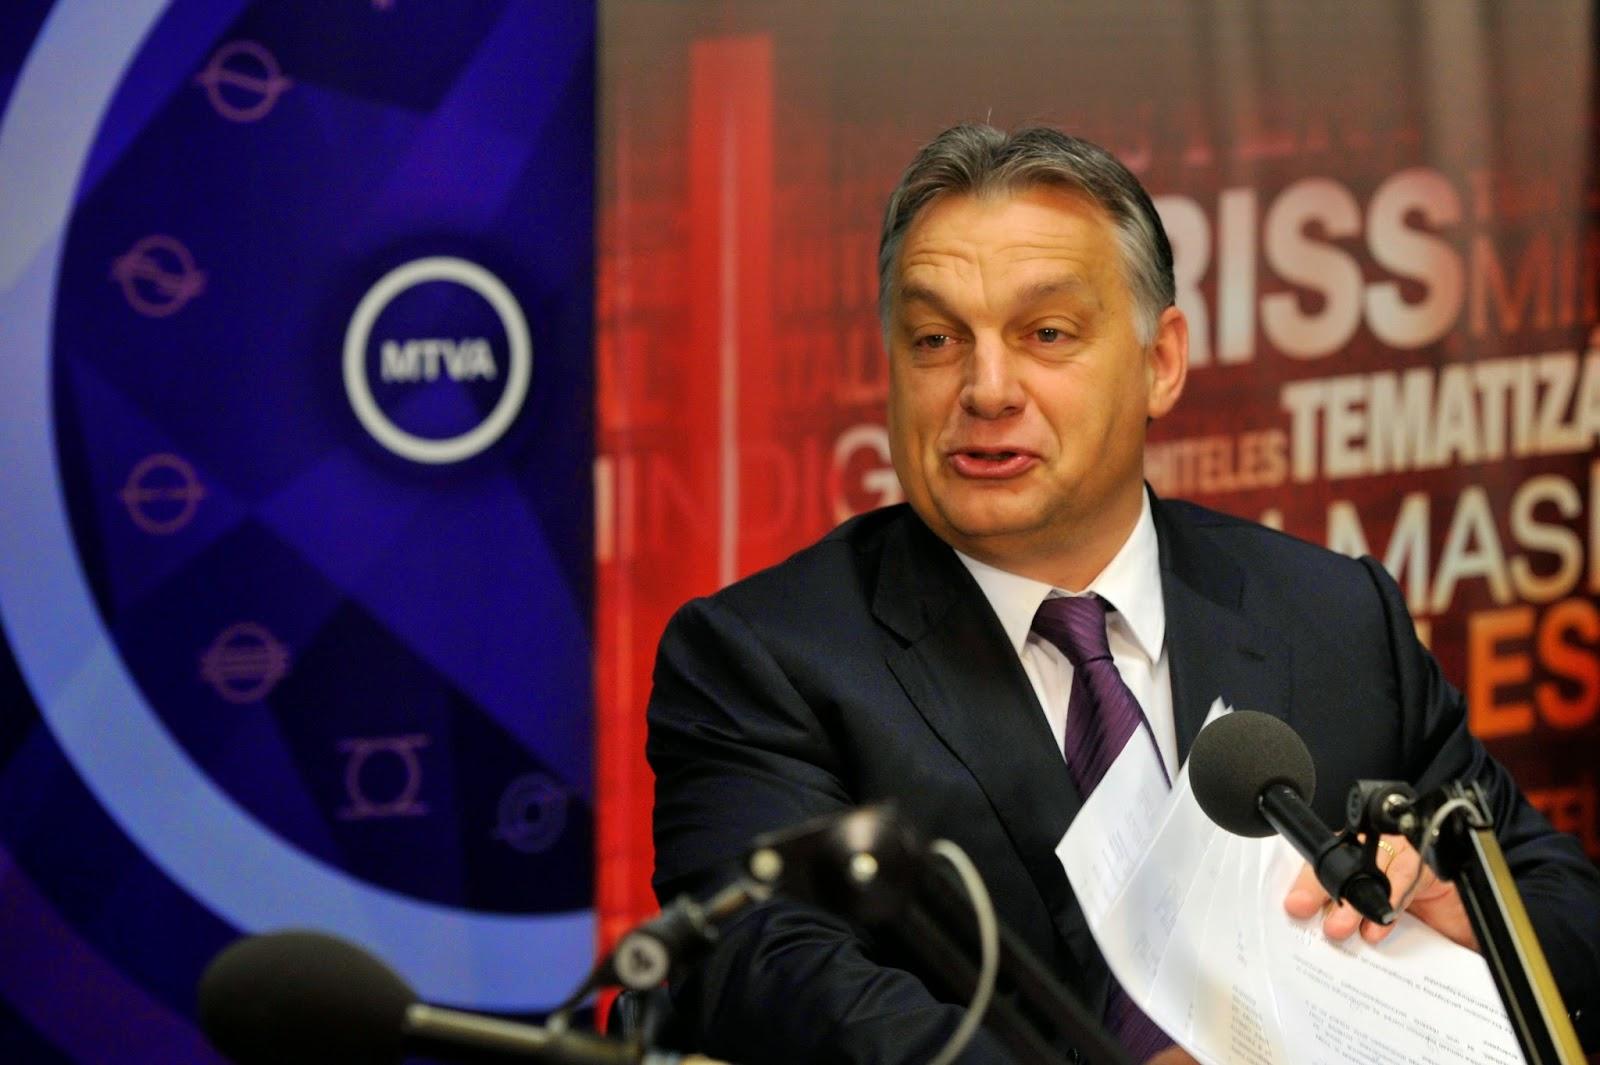 internetadó, adócsomag, adózás, Magyarország, Orbán Viktor, Orbán-kormány,